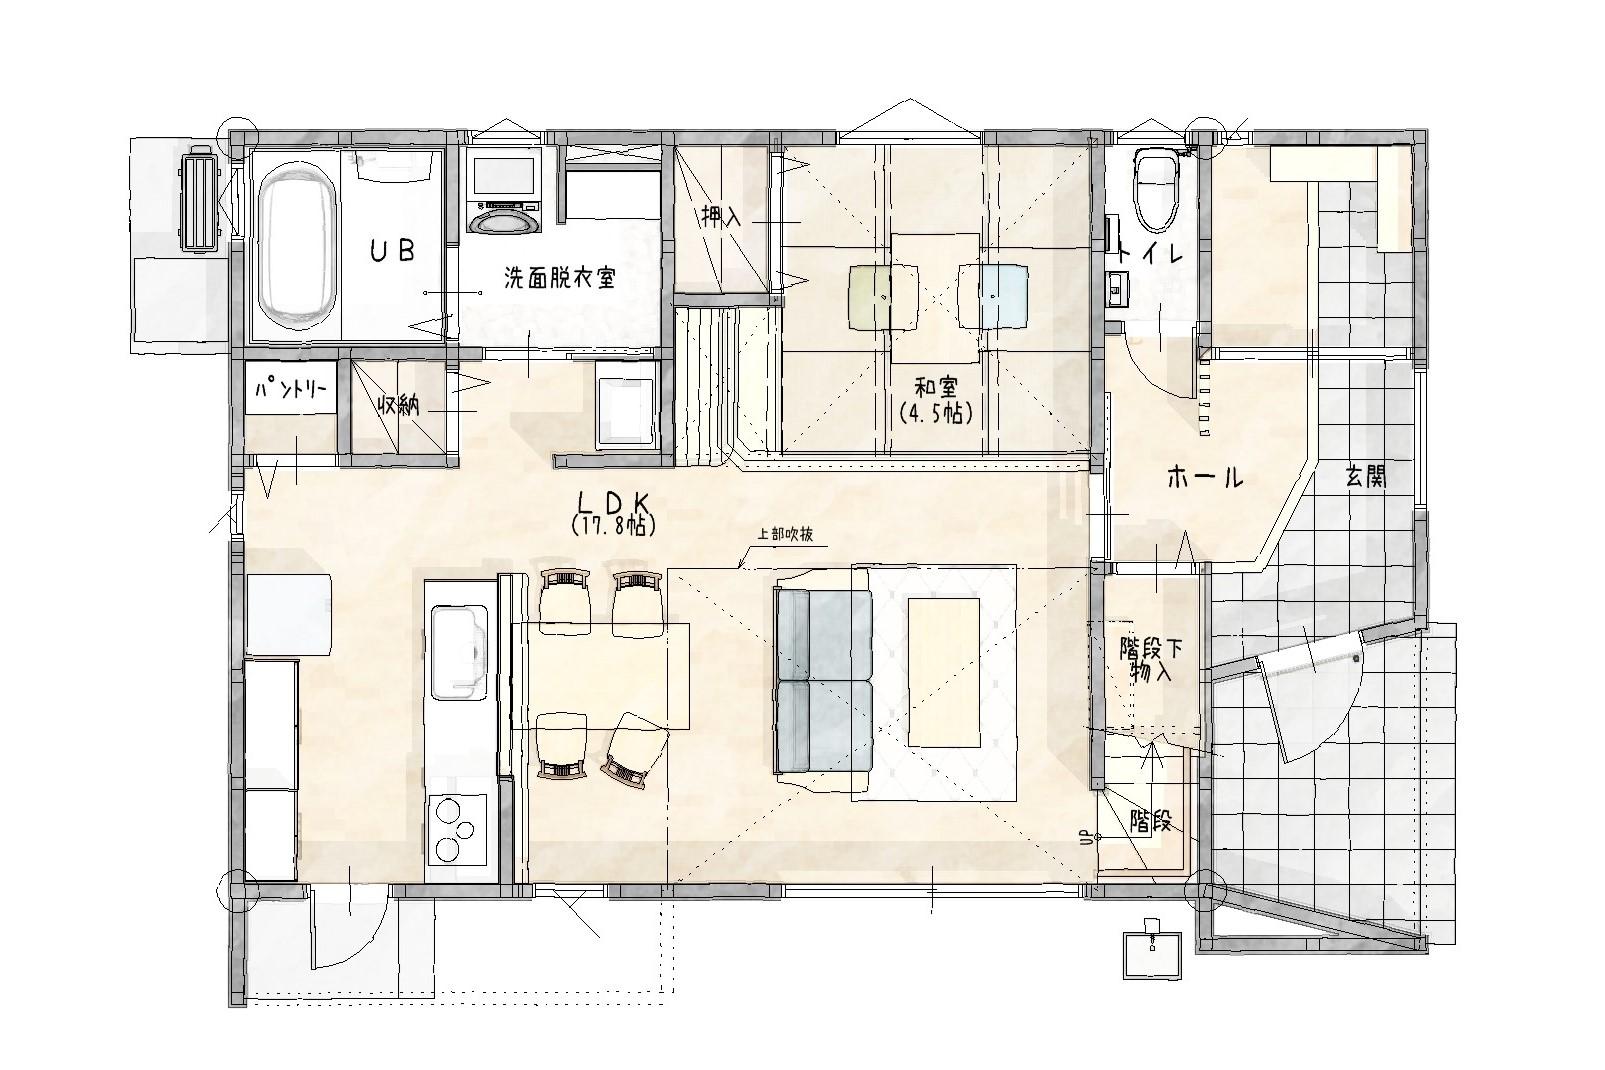 大村市新築建売住宅「OURS協和町」間取り図